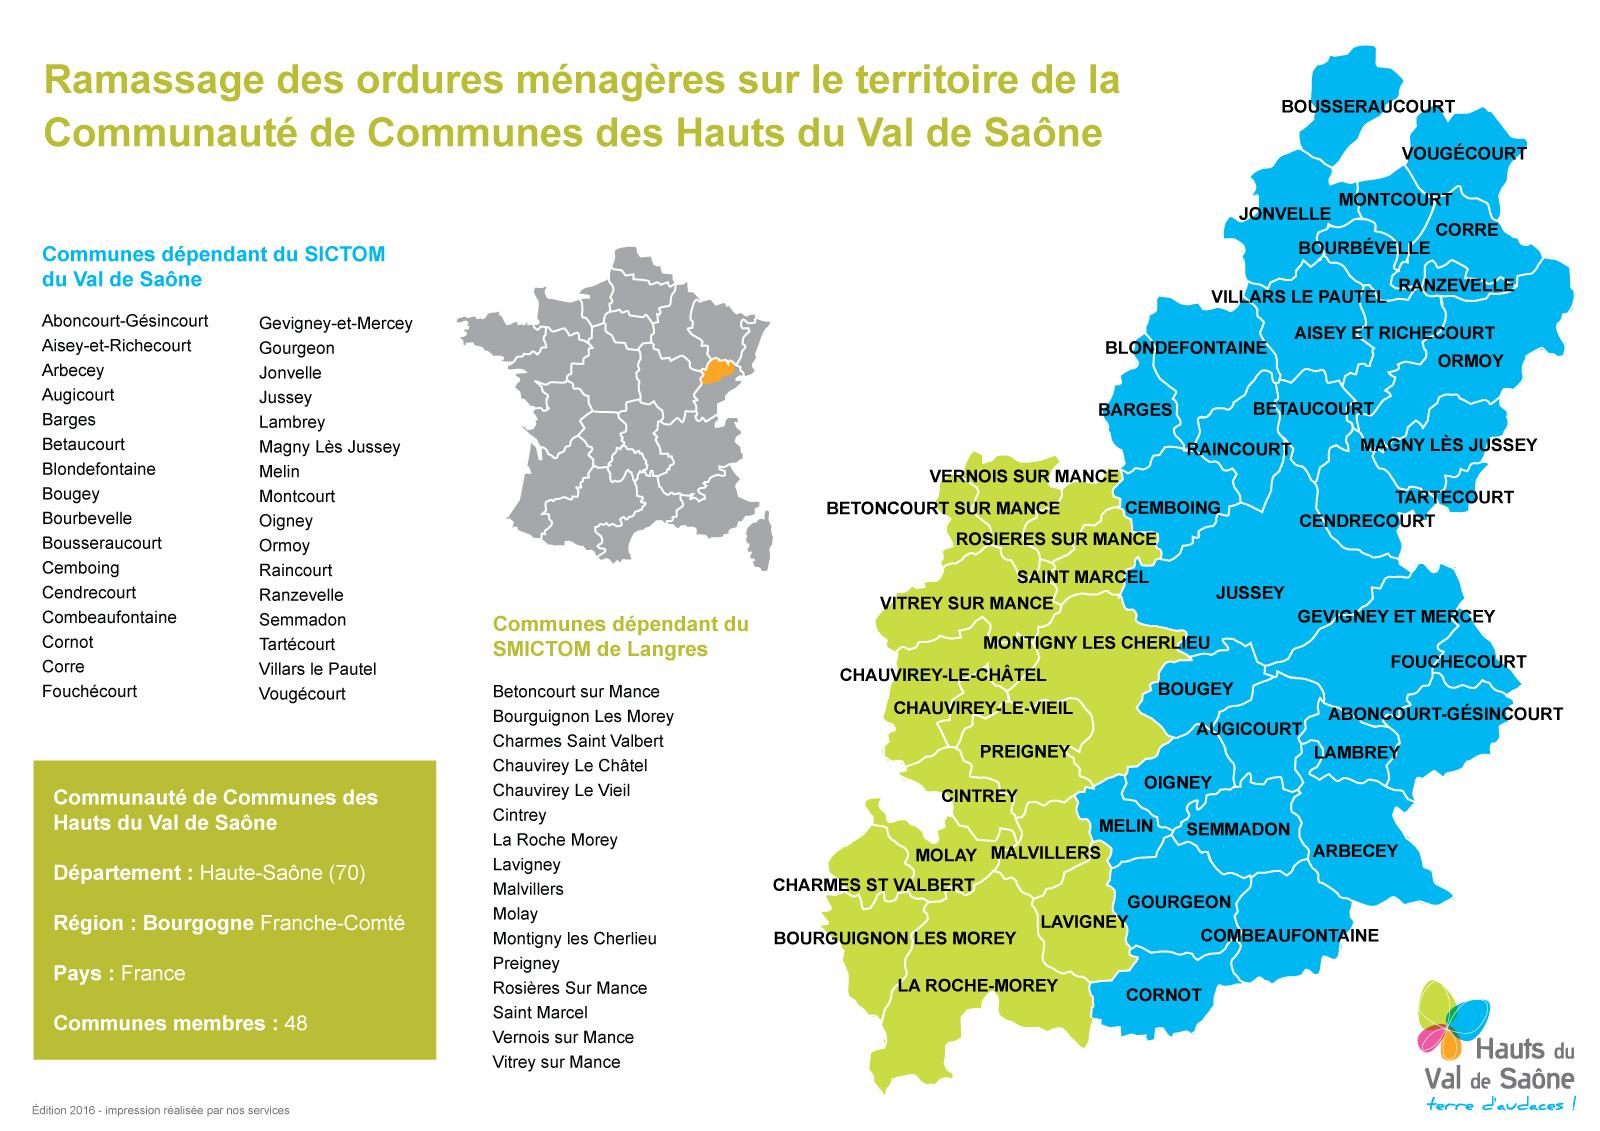 Calendrier Sictom.Communaute De Communes Des Hauts Du Val De Saone Cchvs